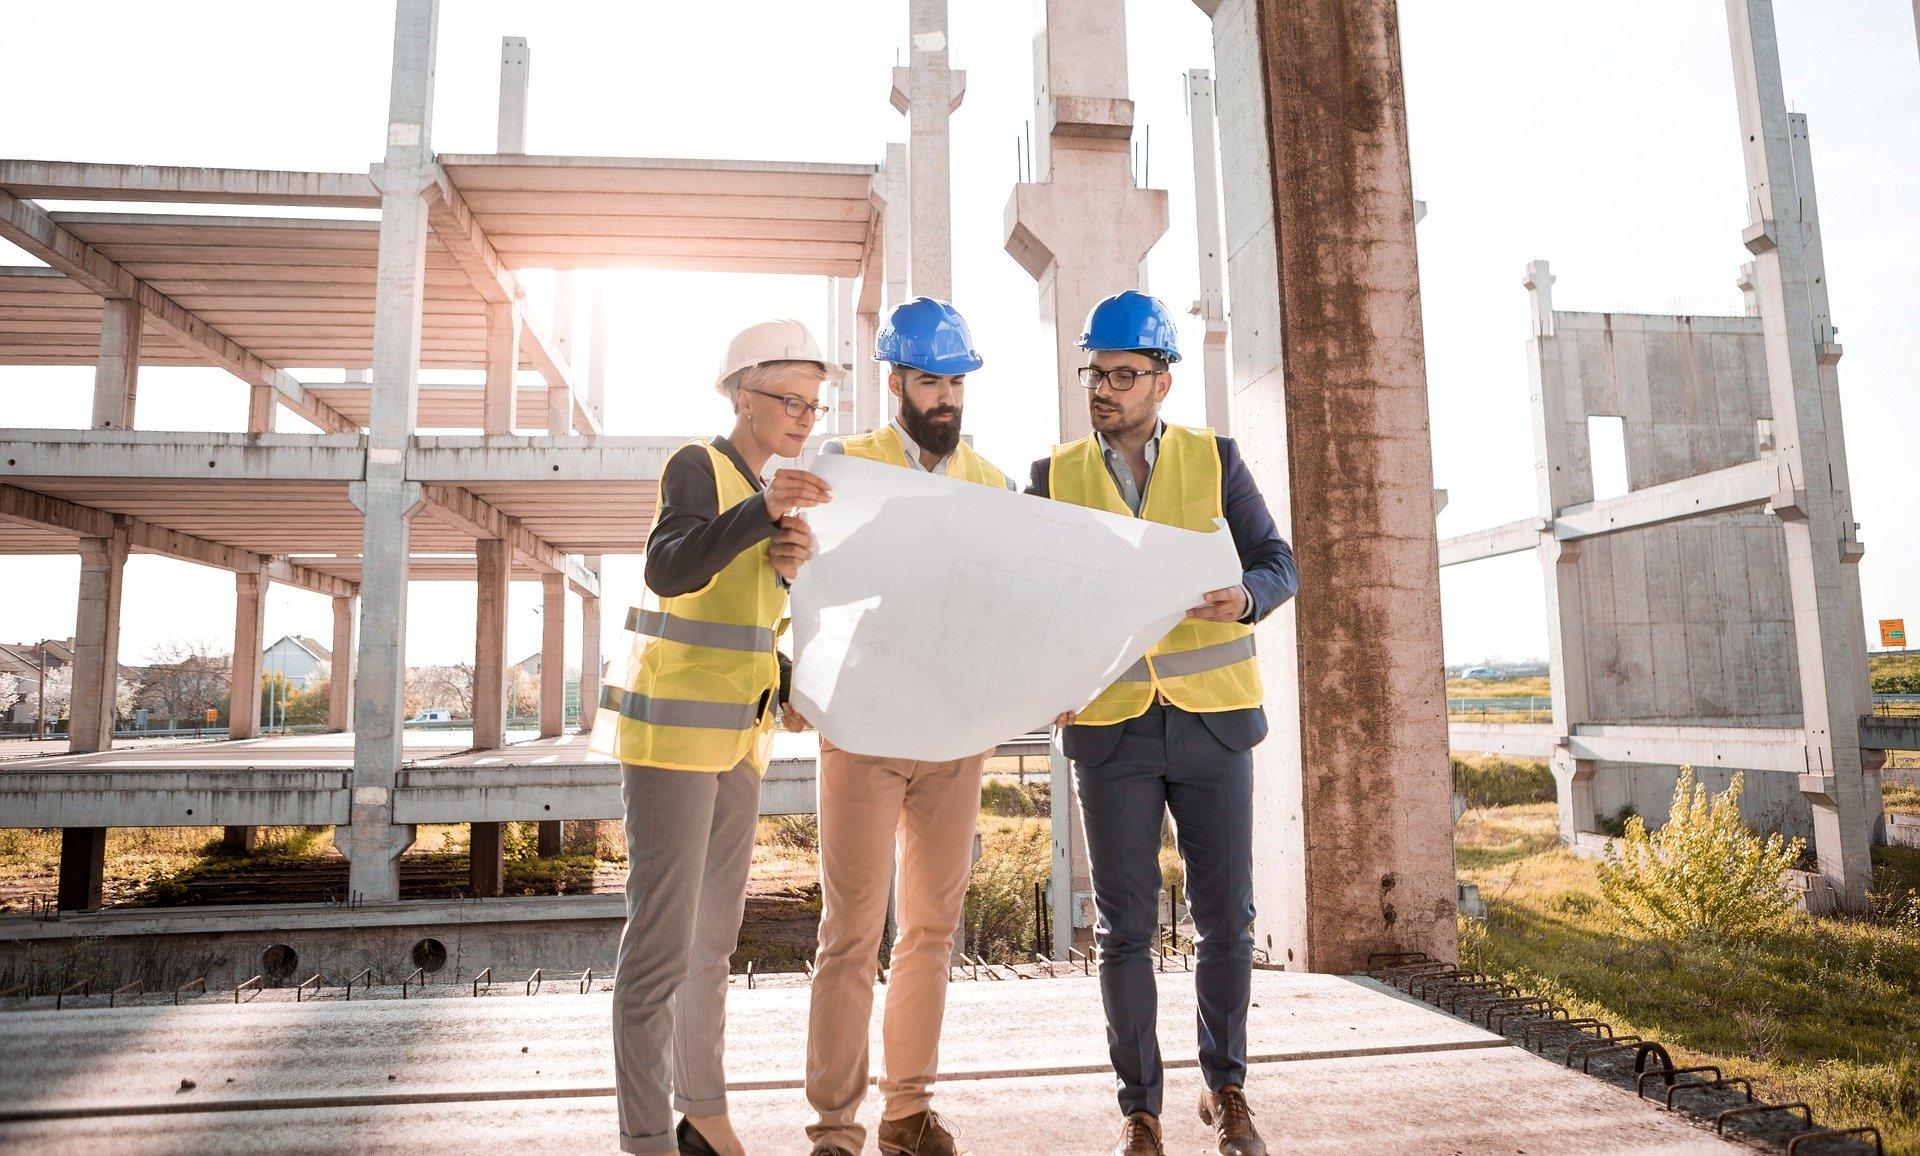 Nový zákon přinese zkrácení povolování staveb